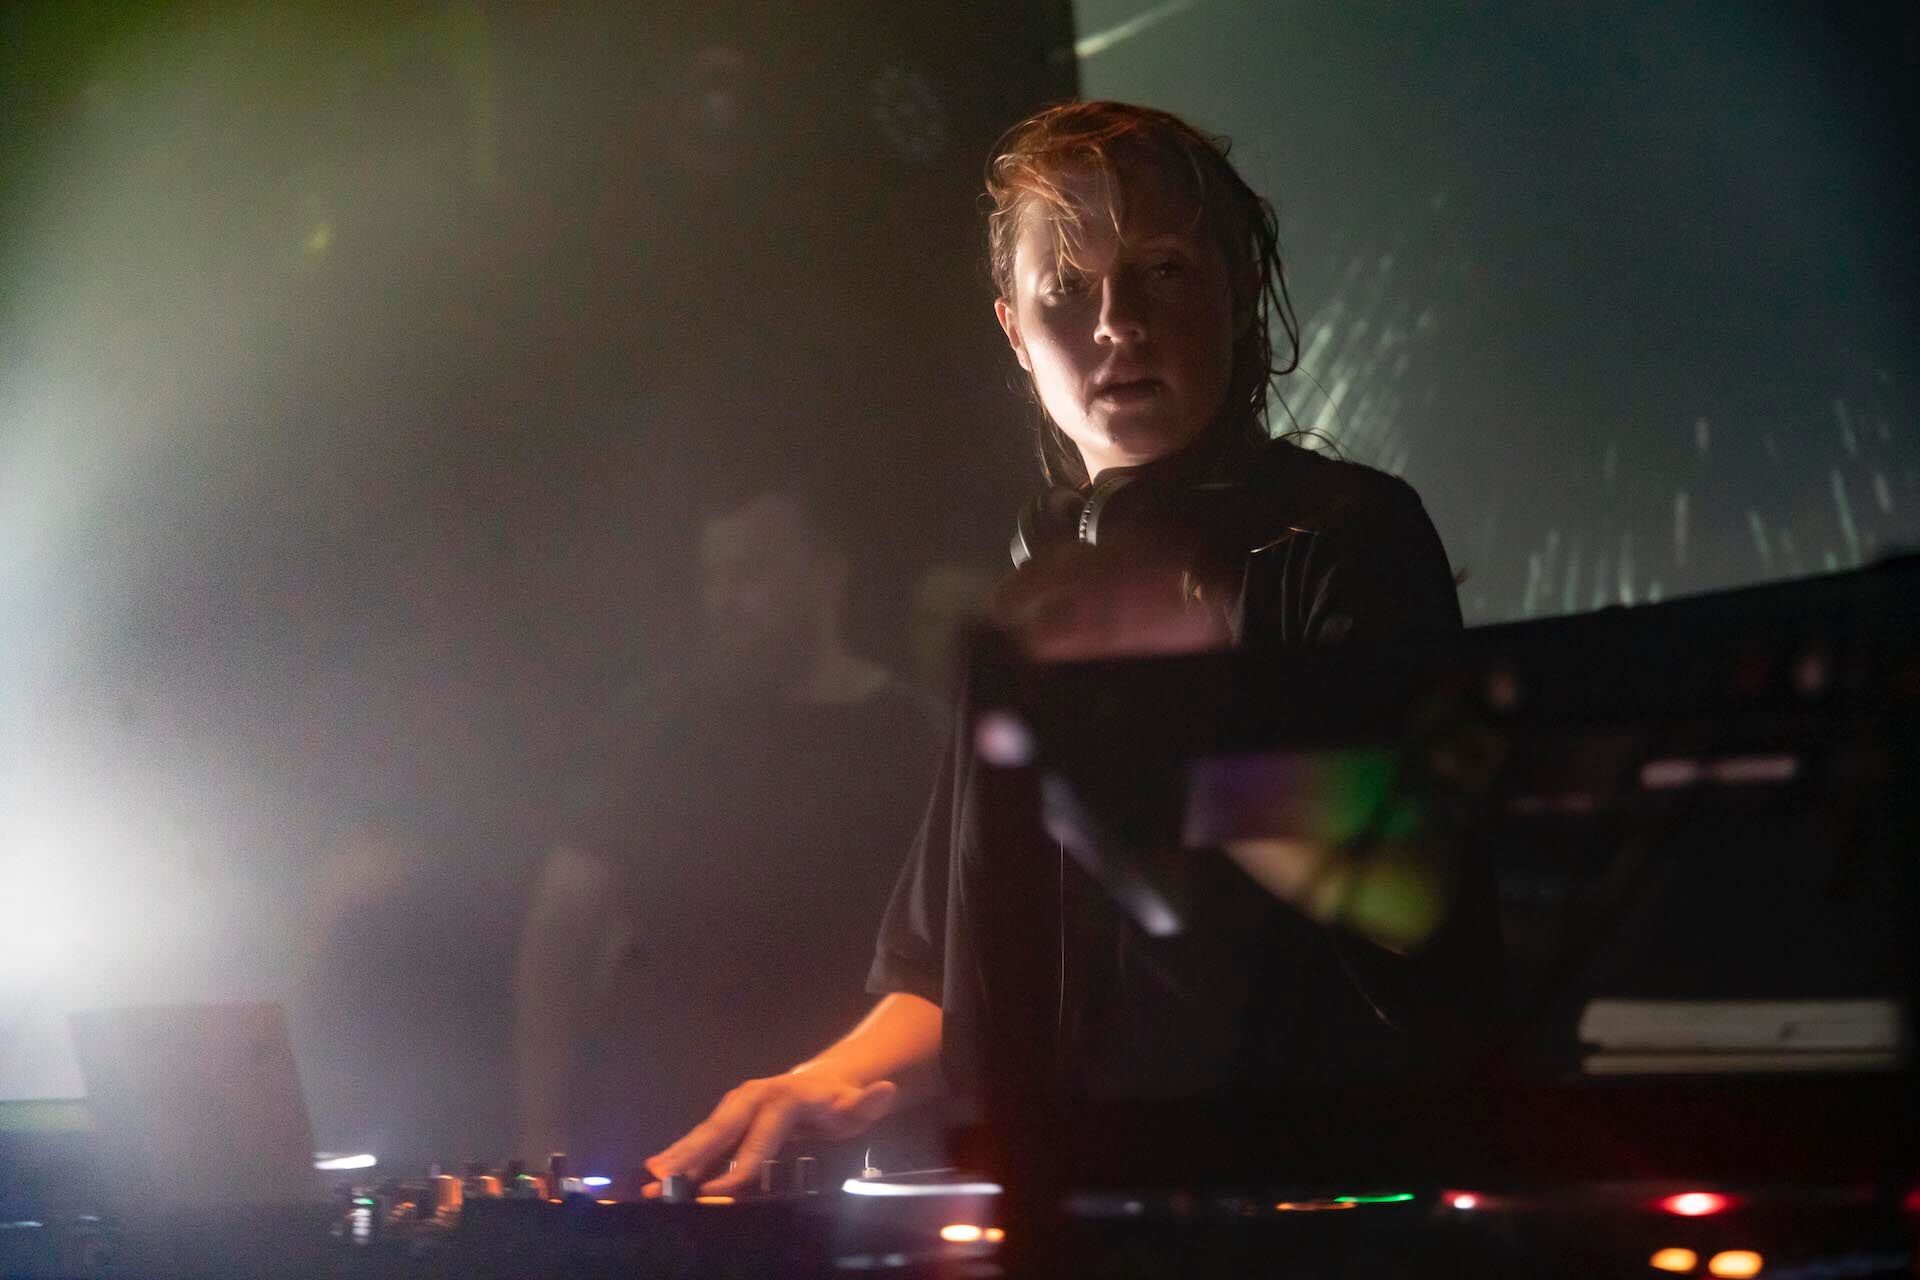 ベルギーの女性DJ・Charlotte de Witte×<ALIVE presents REBOOT>が東京のクラブナイトを再び更新する music190920_charlotte_06